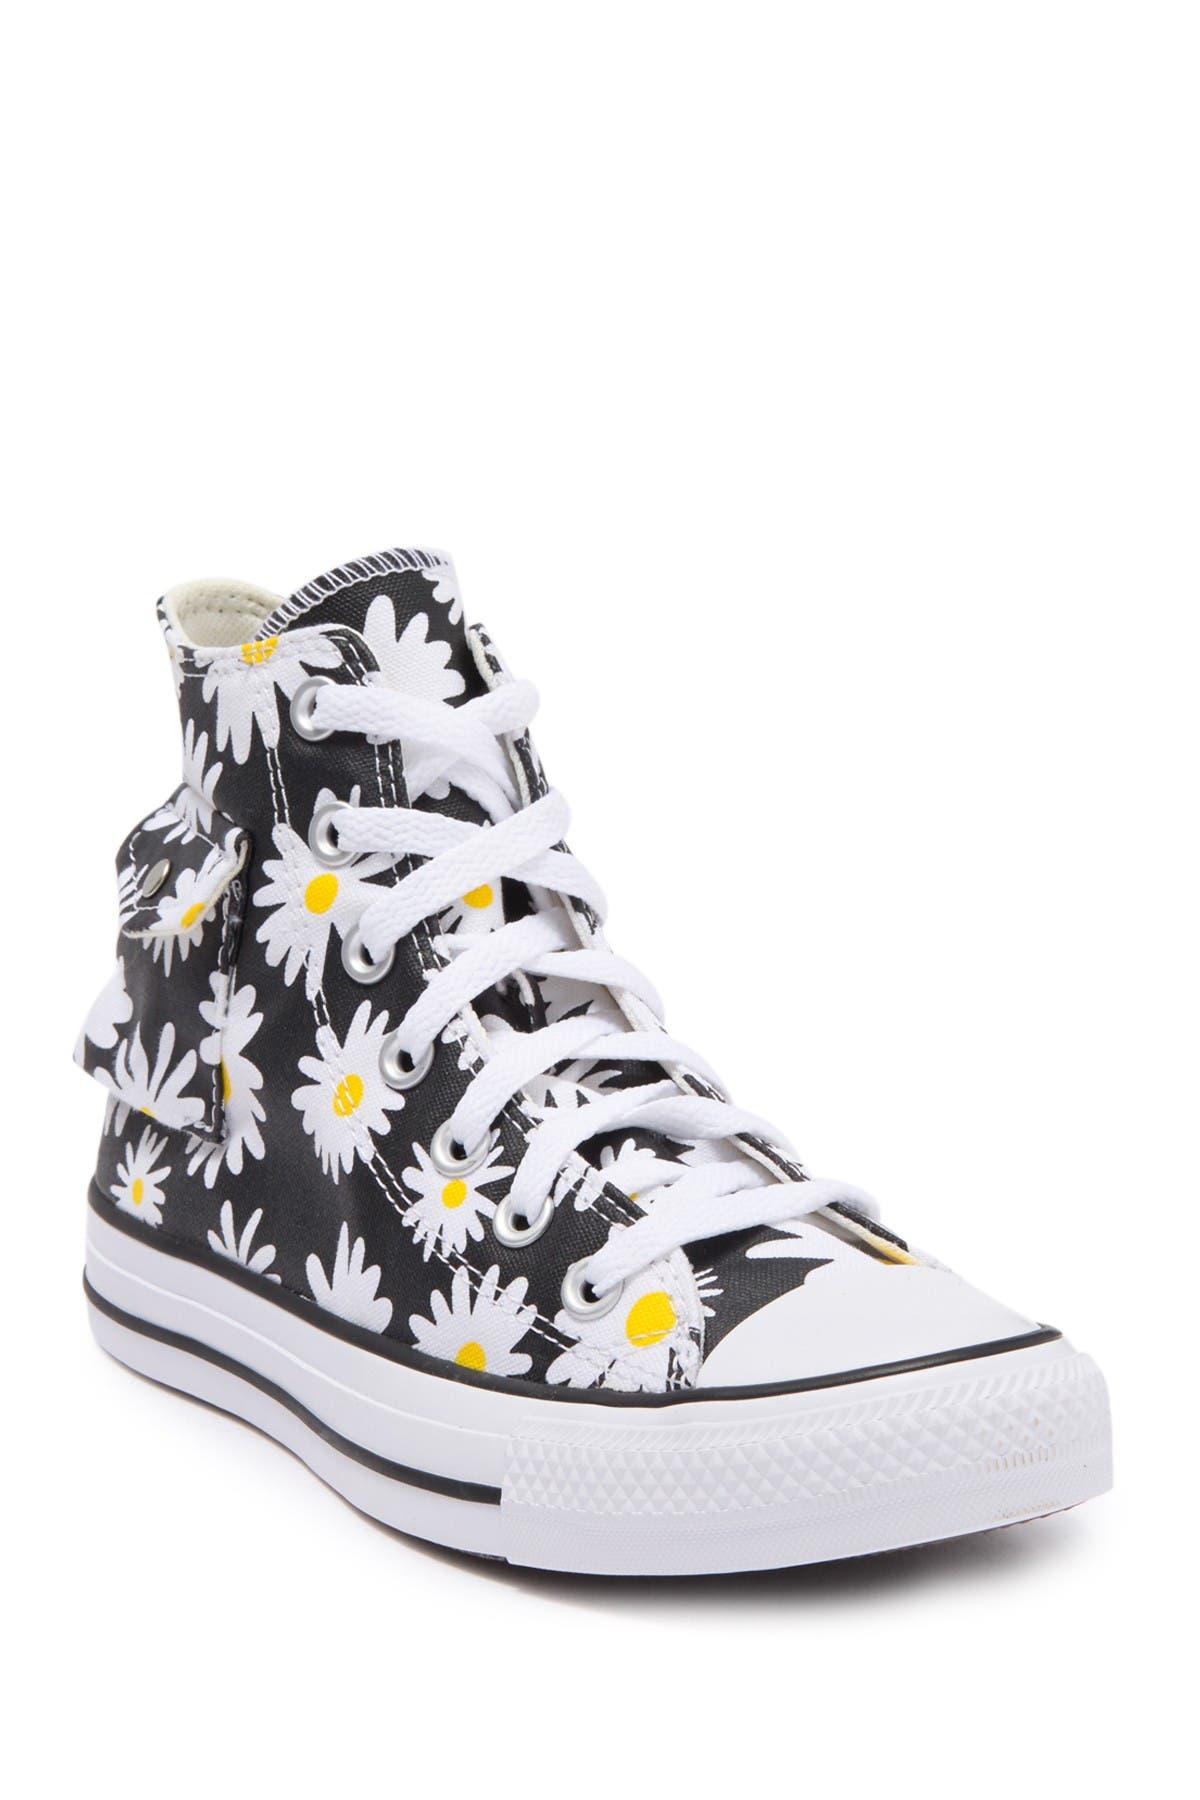 converse daisy